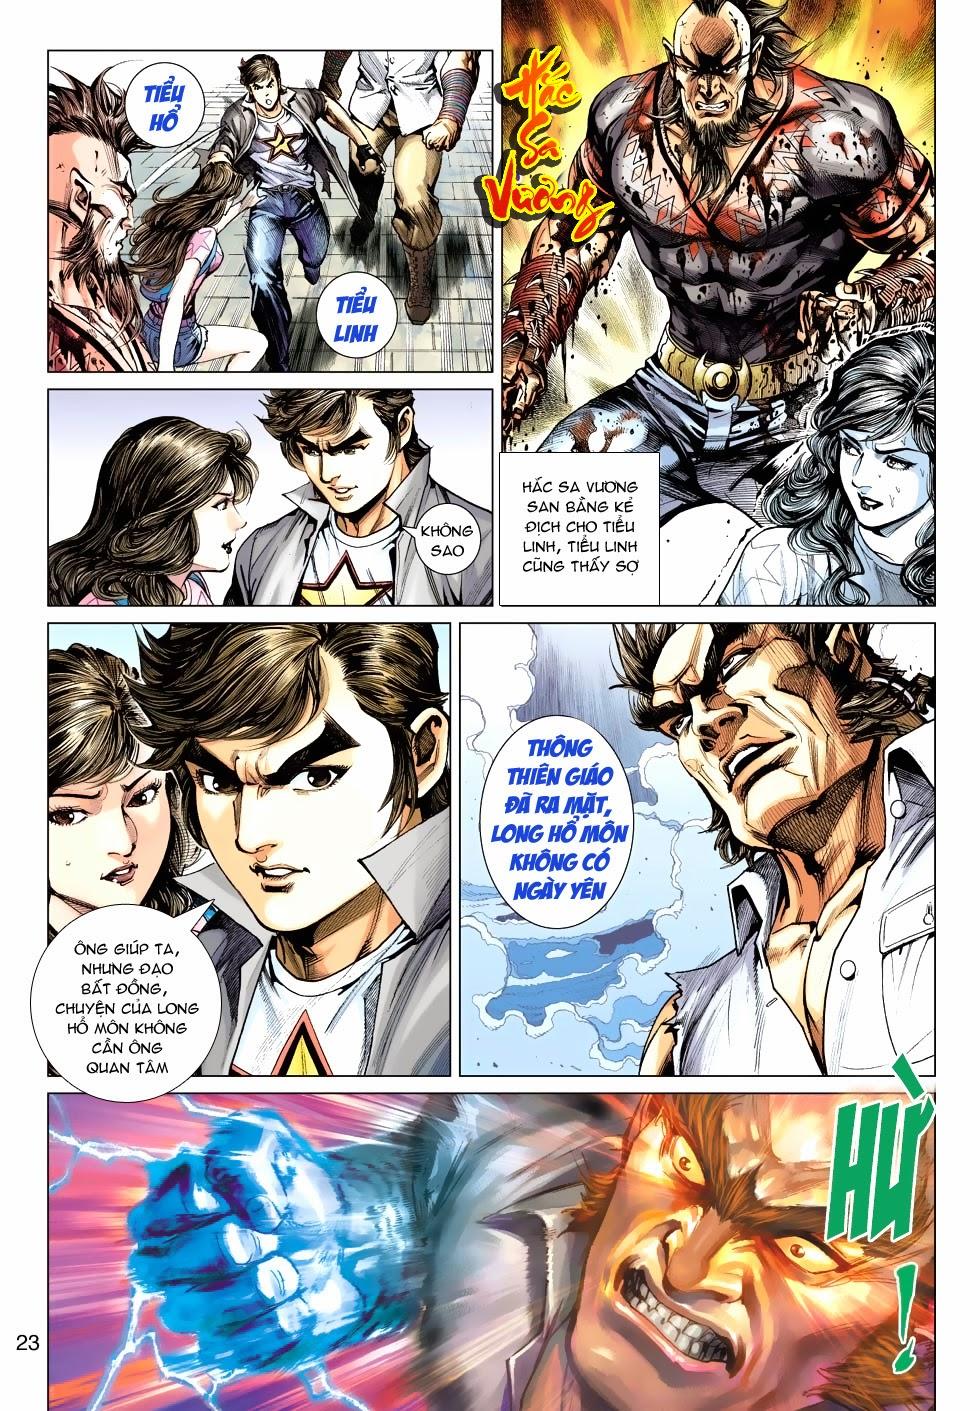 Tân Tác Long Hổ Môn chap 488 - Trang 23